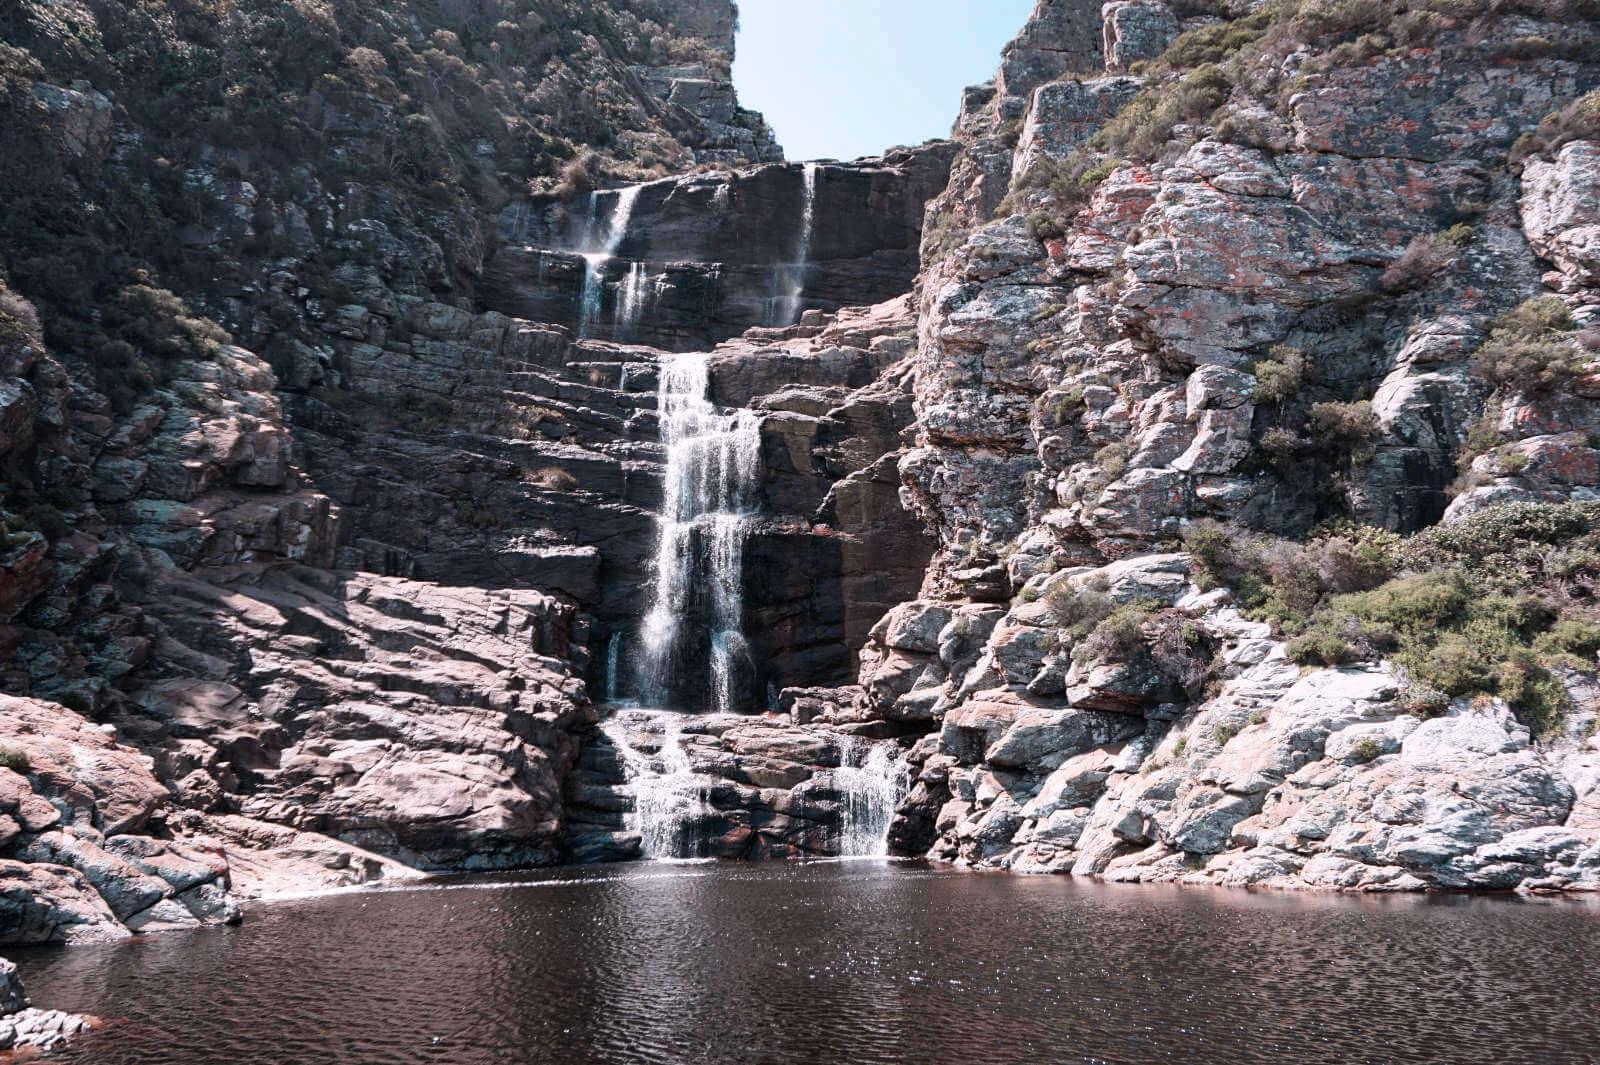 Zeil des Waterfall Trails: Der wunderschöne Wasserfall